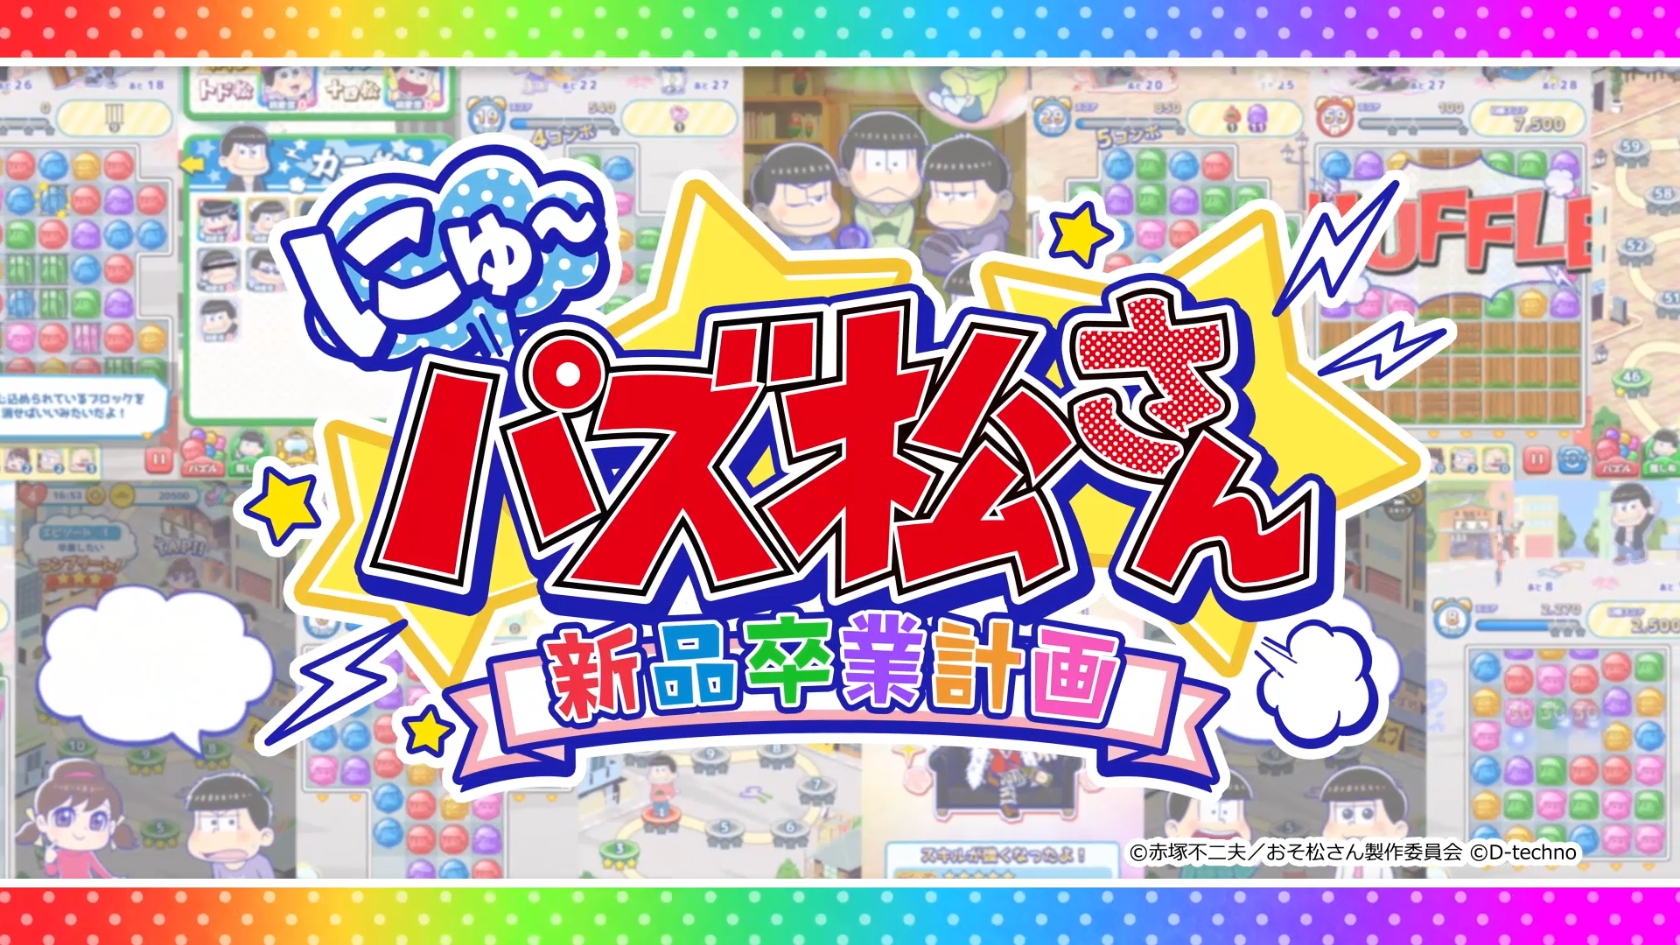 『にゅ~パズ松さん 新品卒業計画』 TVCMキャンペーンを開始!